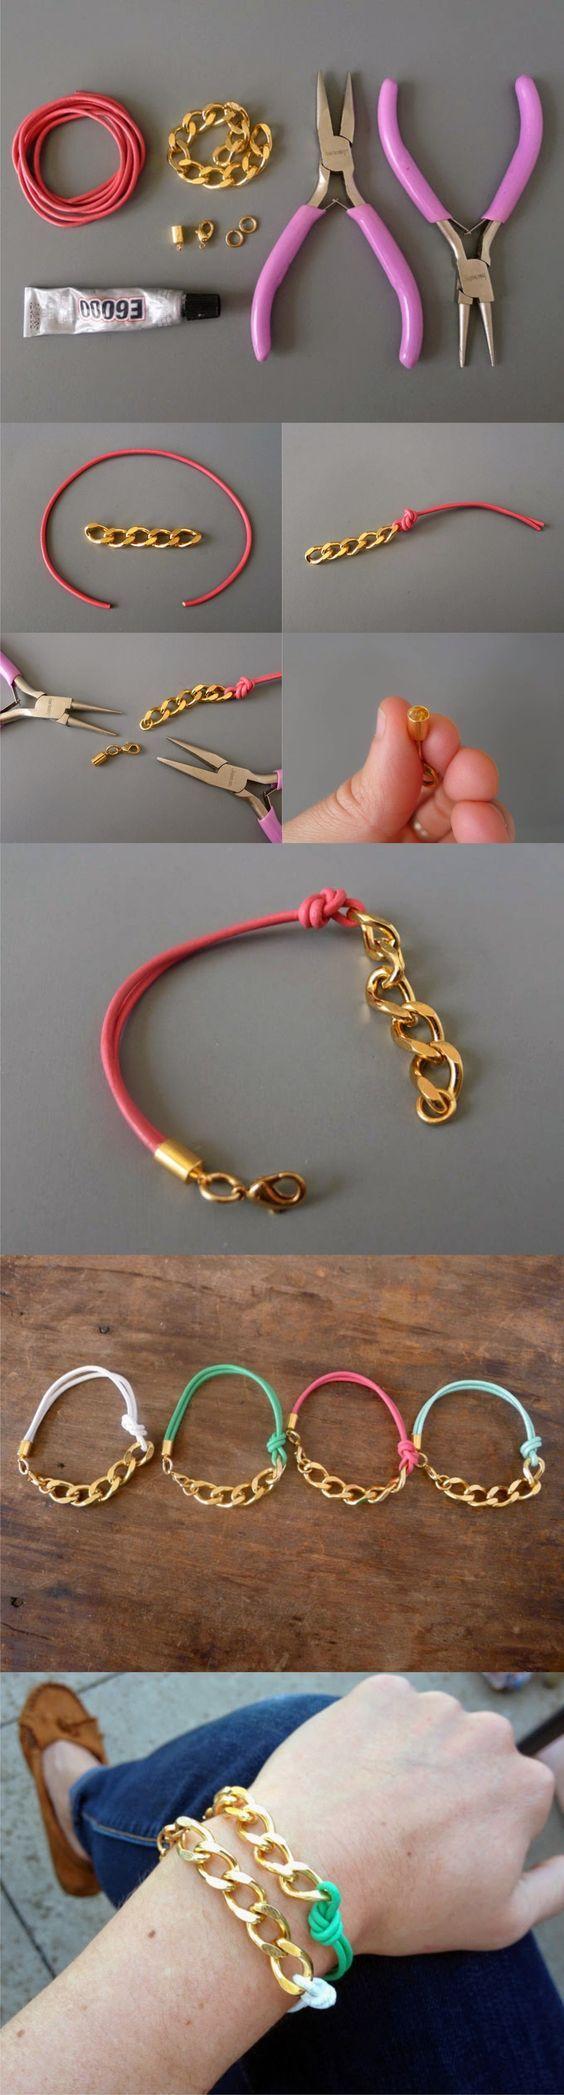 Pulsera con cadena y cordón de cuero / Via http://www.thanksimadeitblog.com: